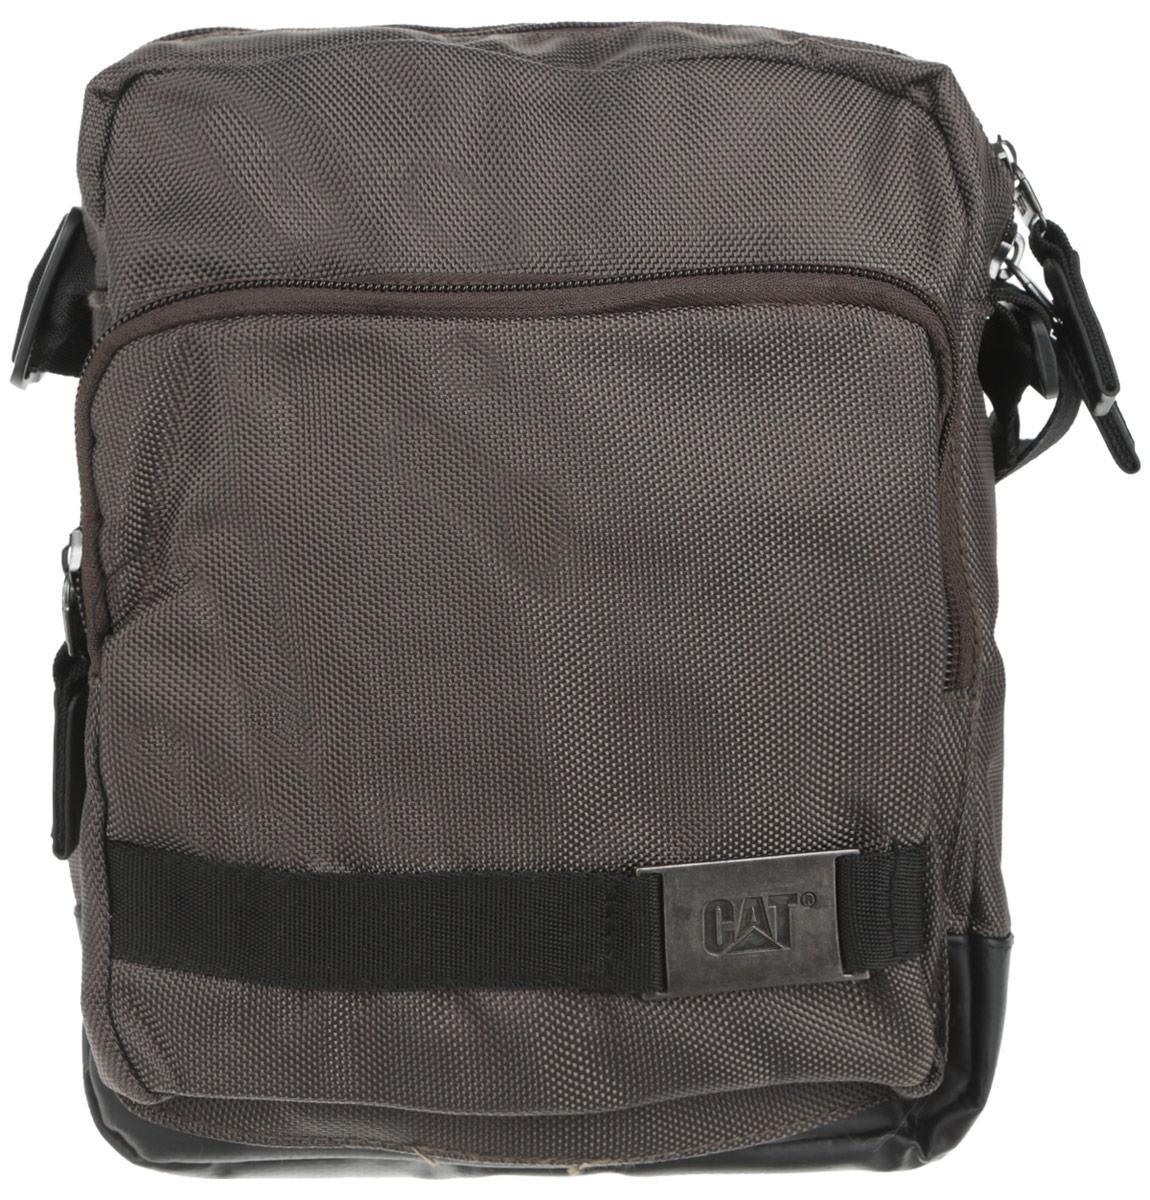 Сумка-планшет Caterpillar Pin, цвет: зелено-серый, черный, 3 л83106-168Стильная сумка-планшет Caterpillar Pin выполнена из полиэстера и ПВХ. Изделие имеет одно основное отделение, закрывающееся на застежку-молнию. Внутри имеется мягкий карман для планшета, который закрывается на хлястик с липучкой. Снаружи, на передней стенке находится накладной карман на застежке-молнии, внутри которого находится открытый накладной карман, два держателя для авторучек и текстильный ремешок с карабином для ключей. Сумка оснащена регулируемым текстильным плечевым ремнем и удобной ручкой. Стильная сумка-планшет Caterpillar Pin эффектно дополнит ваш образ и станет незаменимой в повседневной жизни.